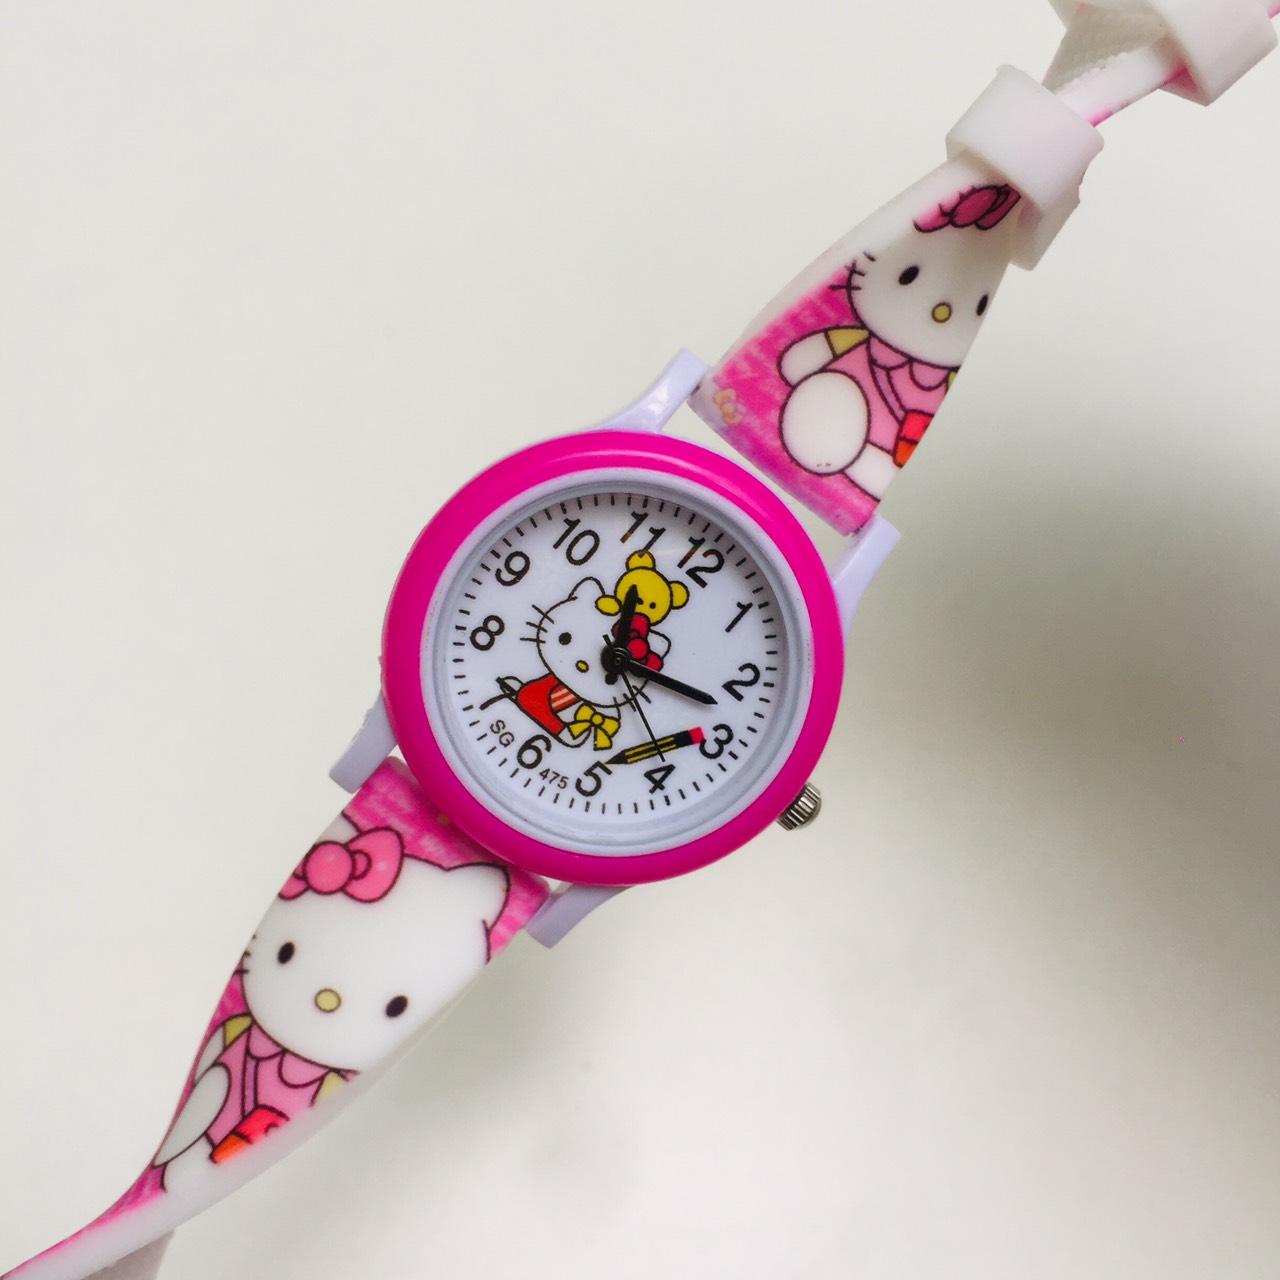 Đồng hồ trẻ em hình hello kitty dây silicon dành cho bé gái - KITTY22hong